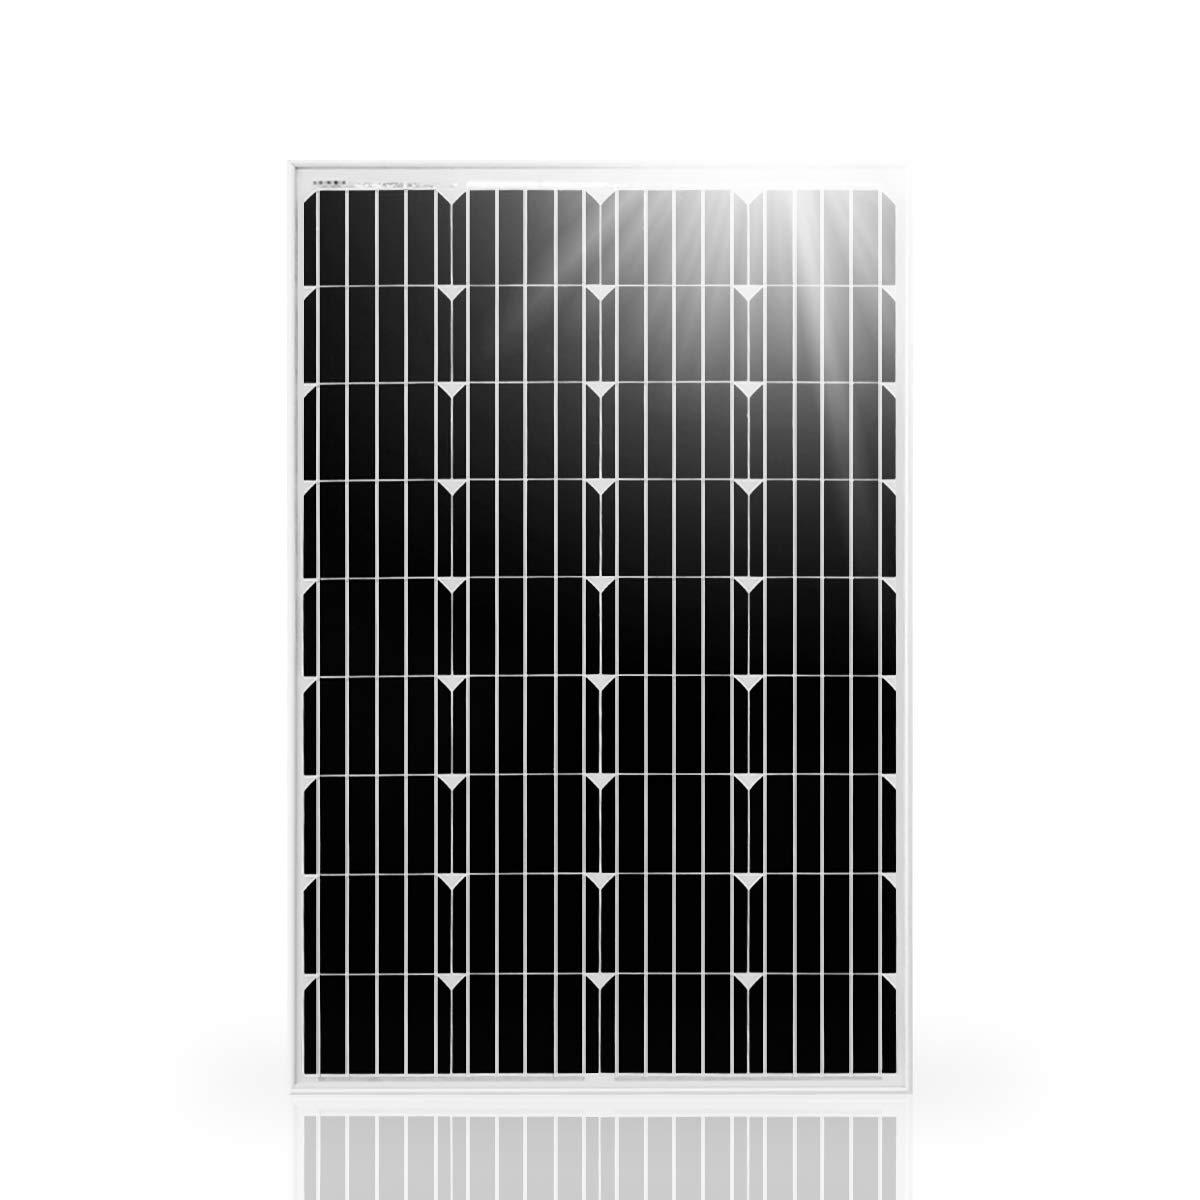 Betop-camp Modulo fotovoltaico fotovoltaico monocristallino da pannello solare da 100W 12V per la ricarica di un 12V in camper, roulotte, camper, barca o yacht o fuori dalla rete